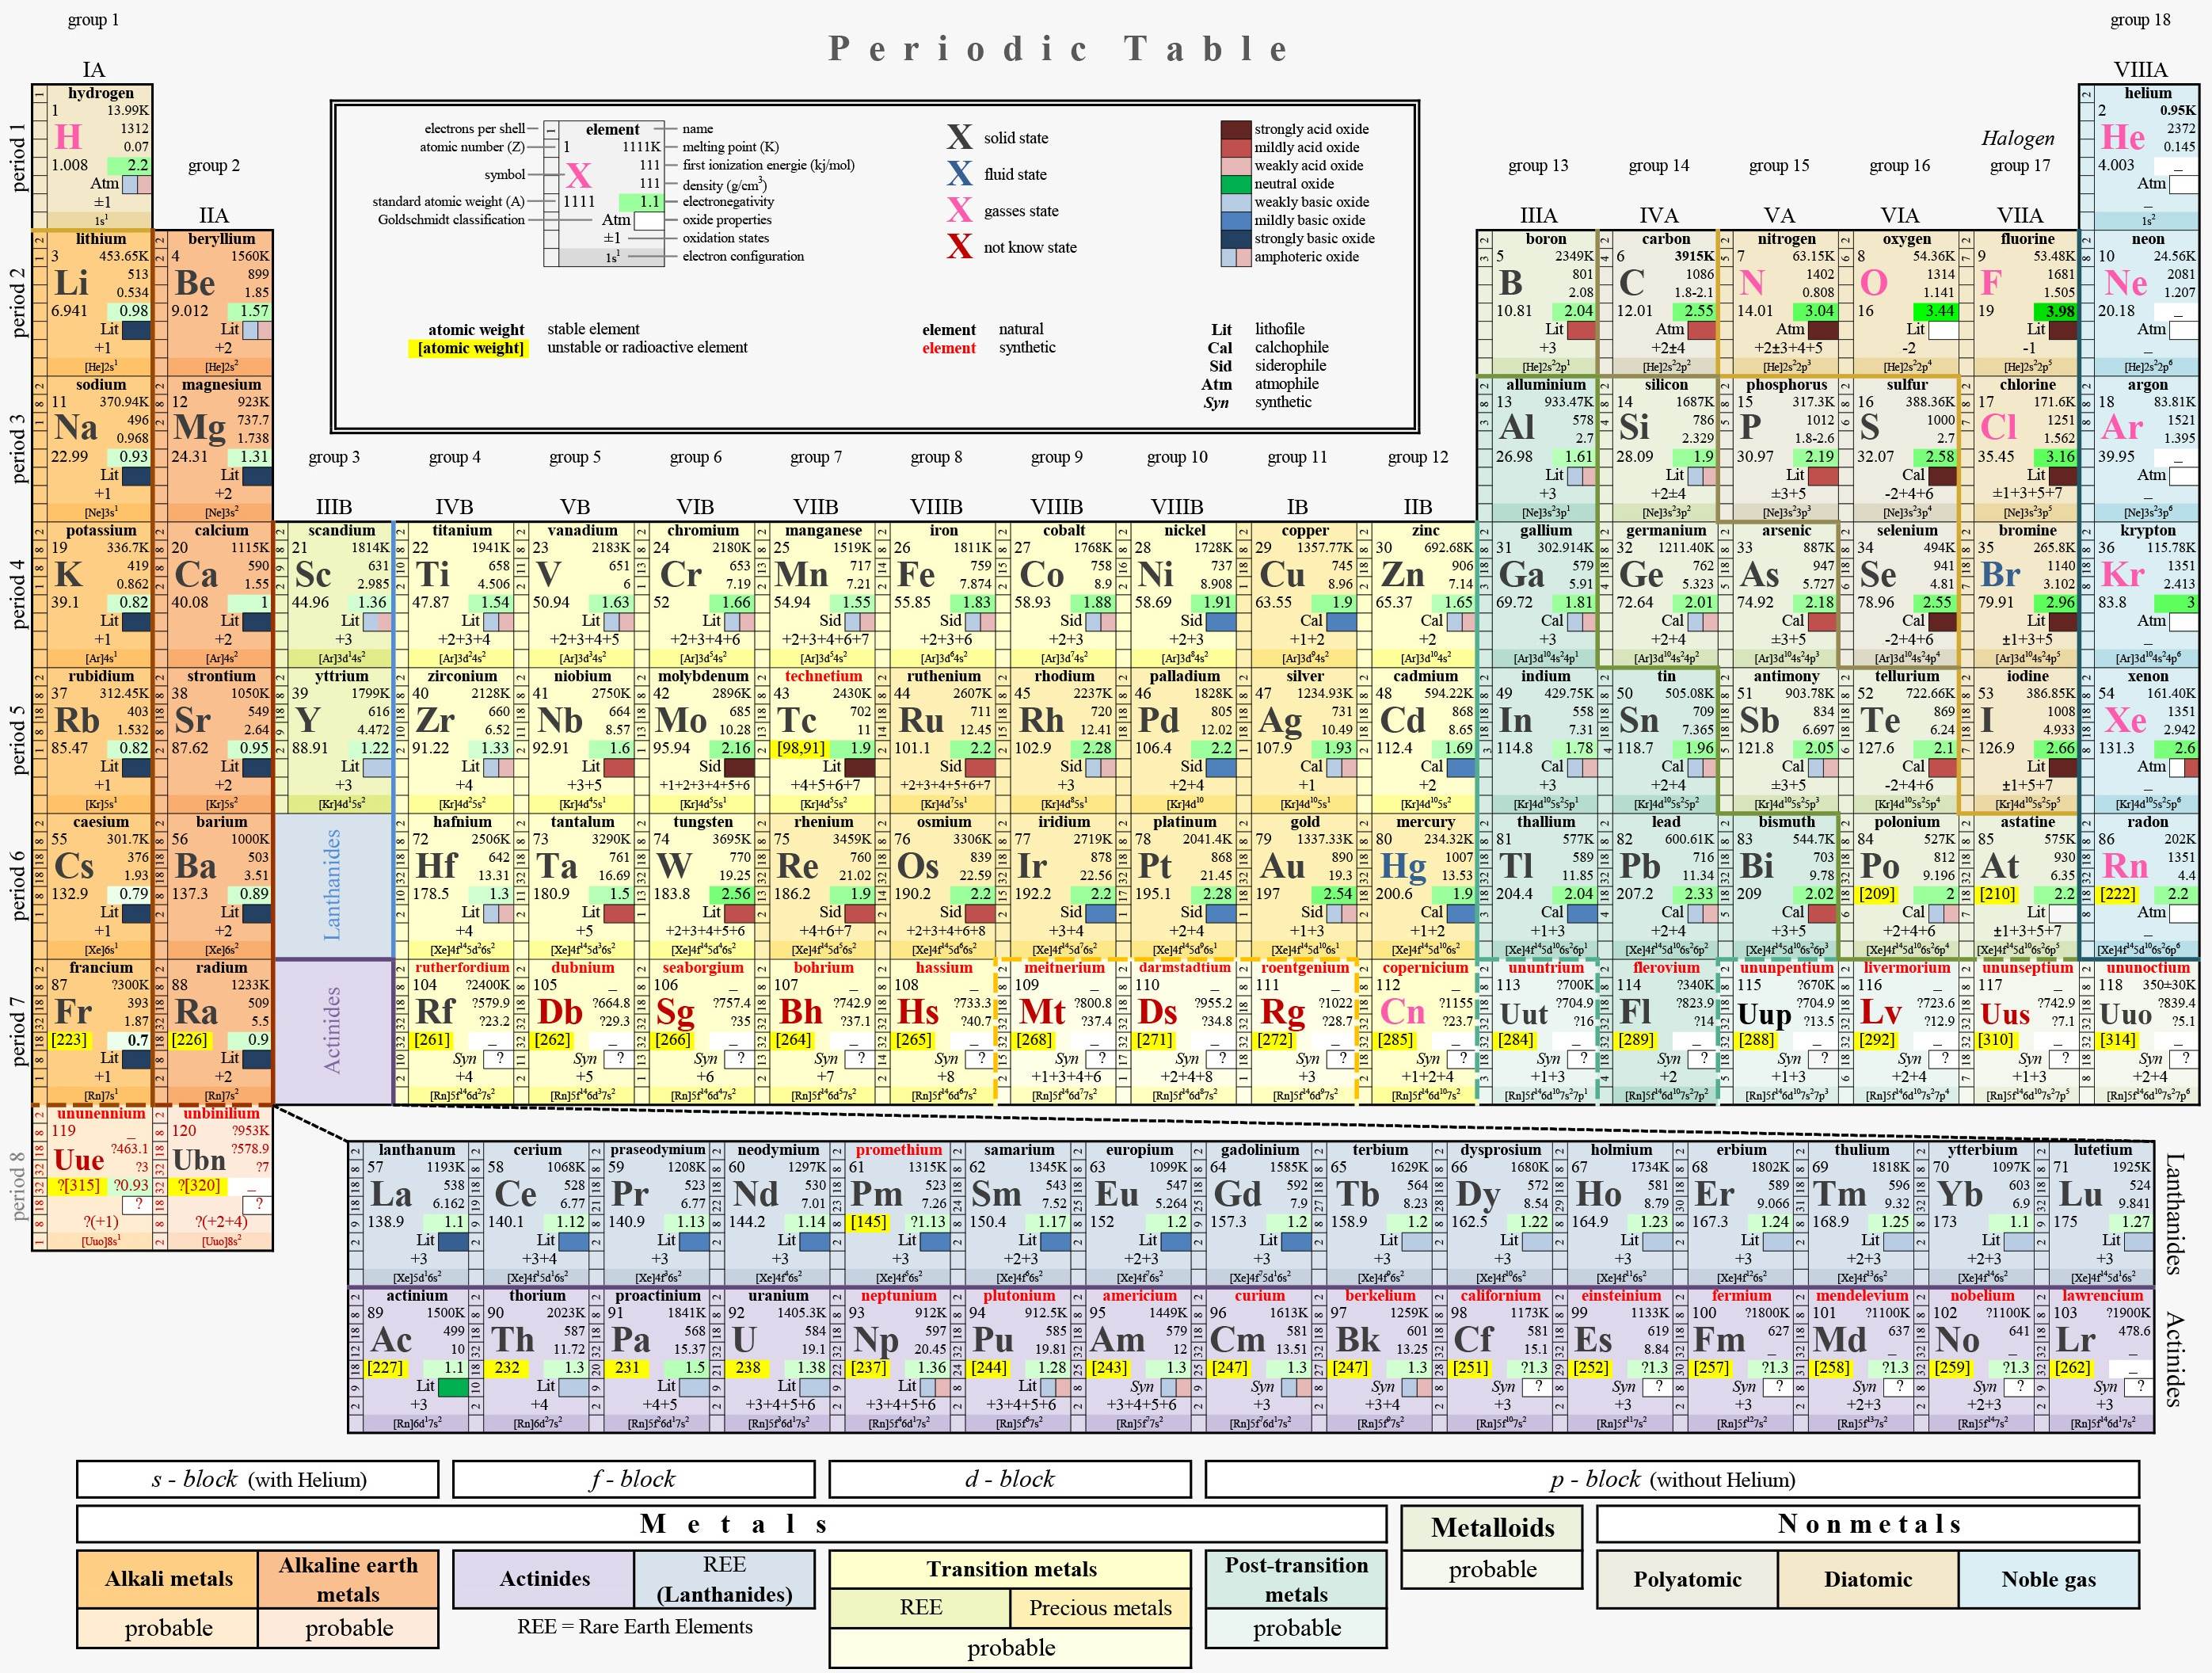 Tavola periodica degli elementi completata la settima - Tavola periodica in inglese ...